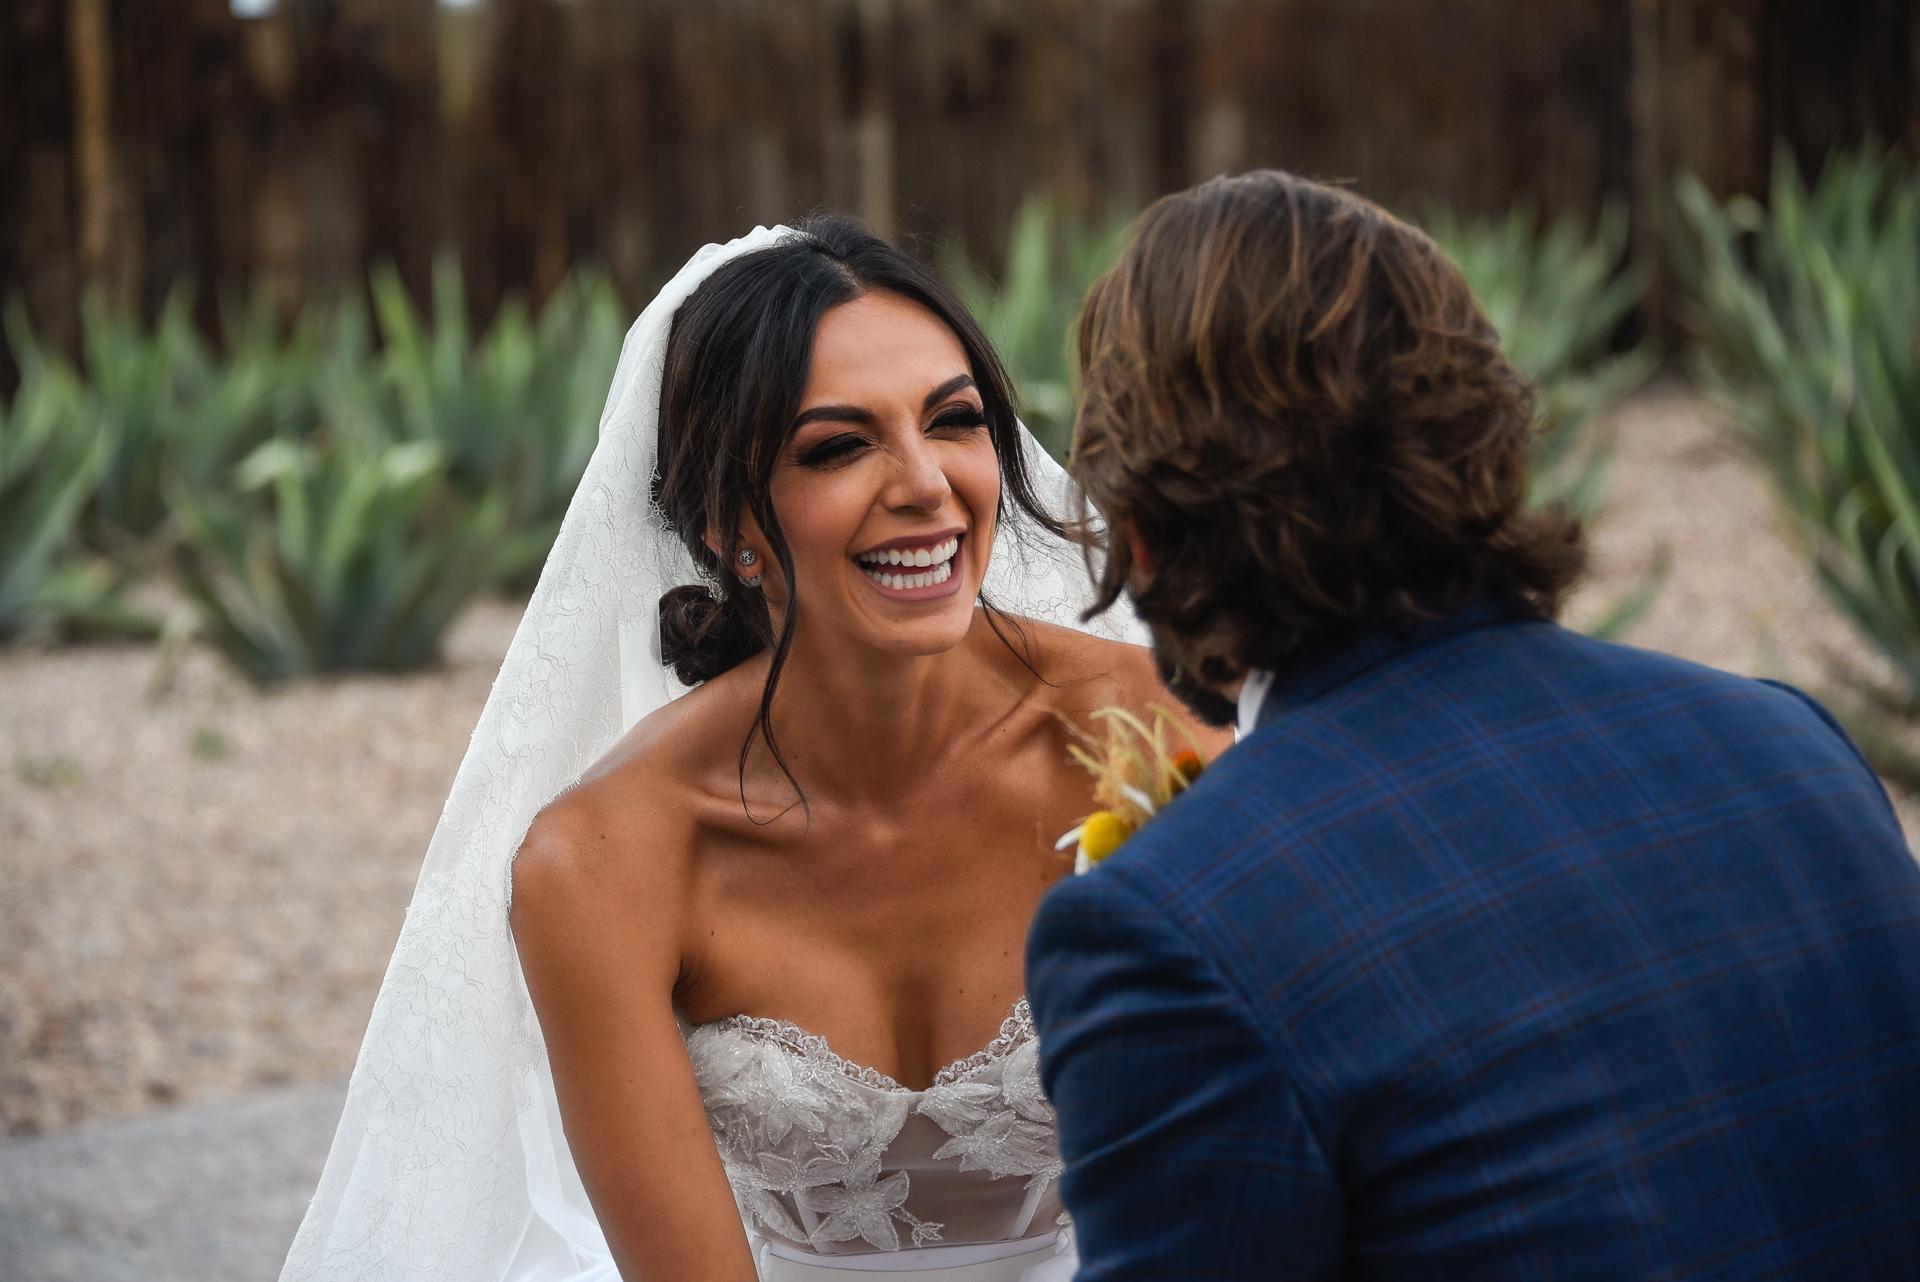 Photographes de mariage à San Miguel de Allende, MX | La mariée saisit les mains de son époux pendant la cérémonie